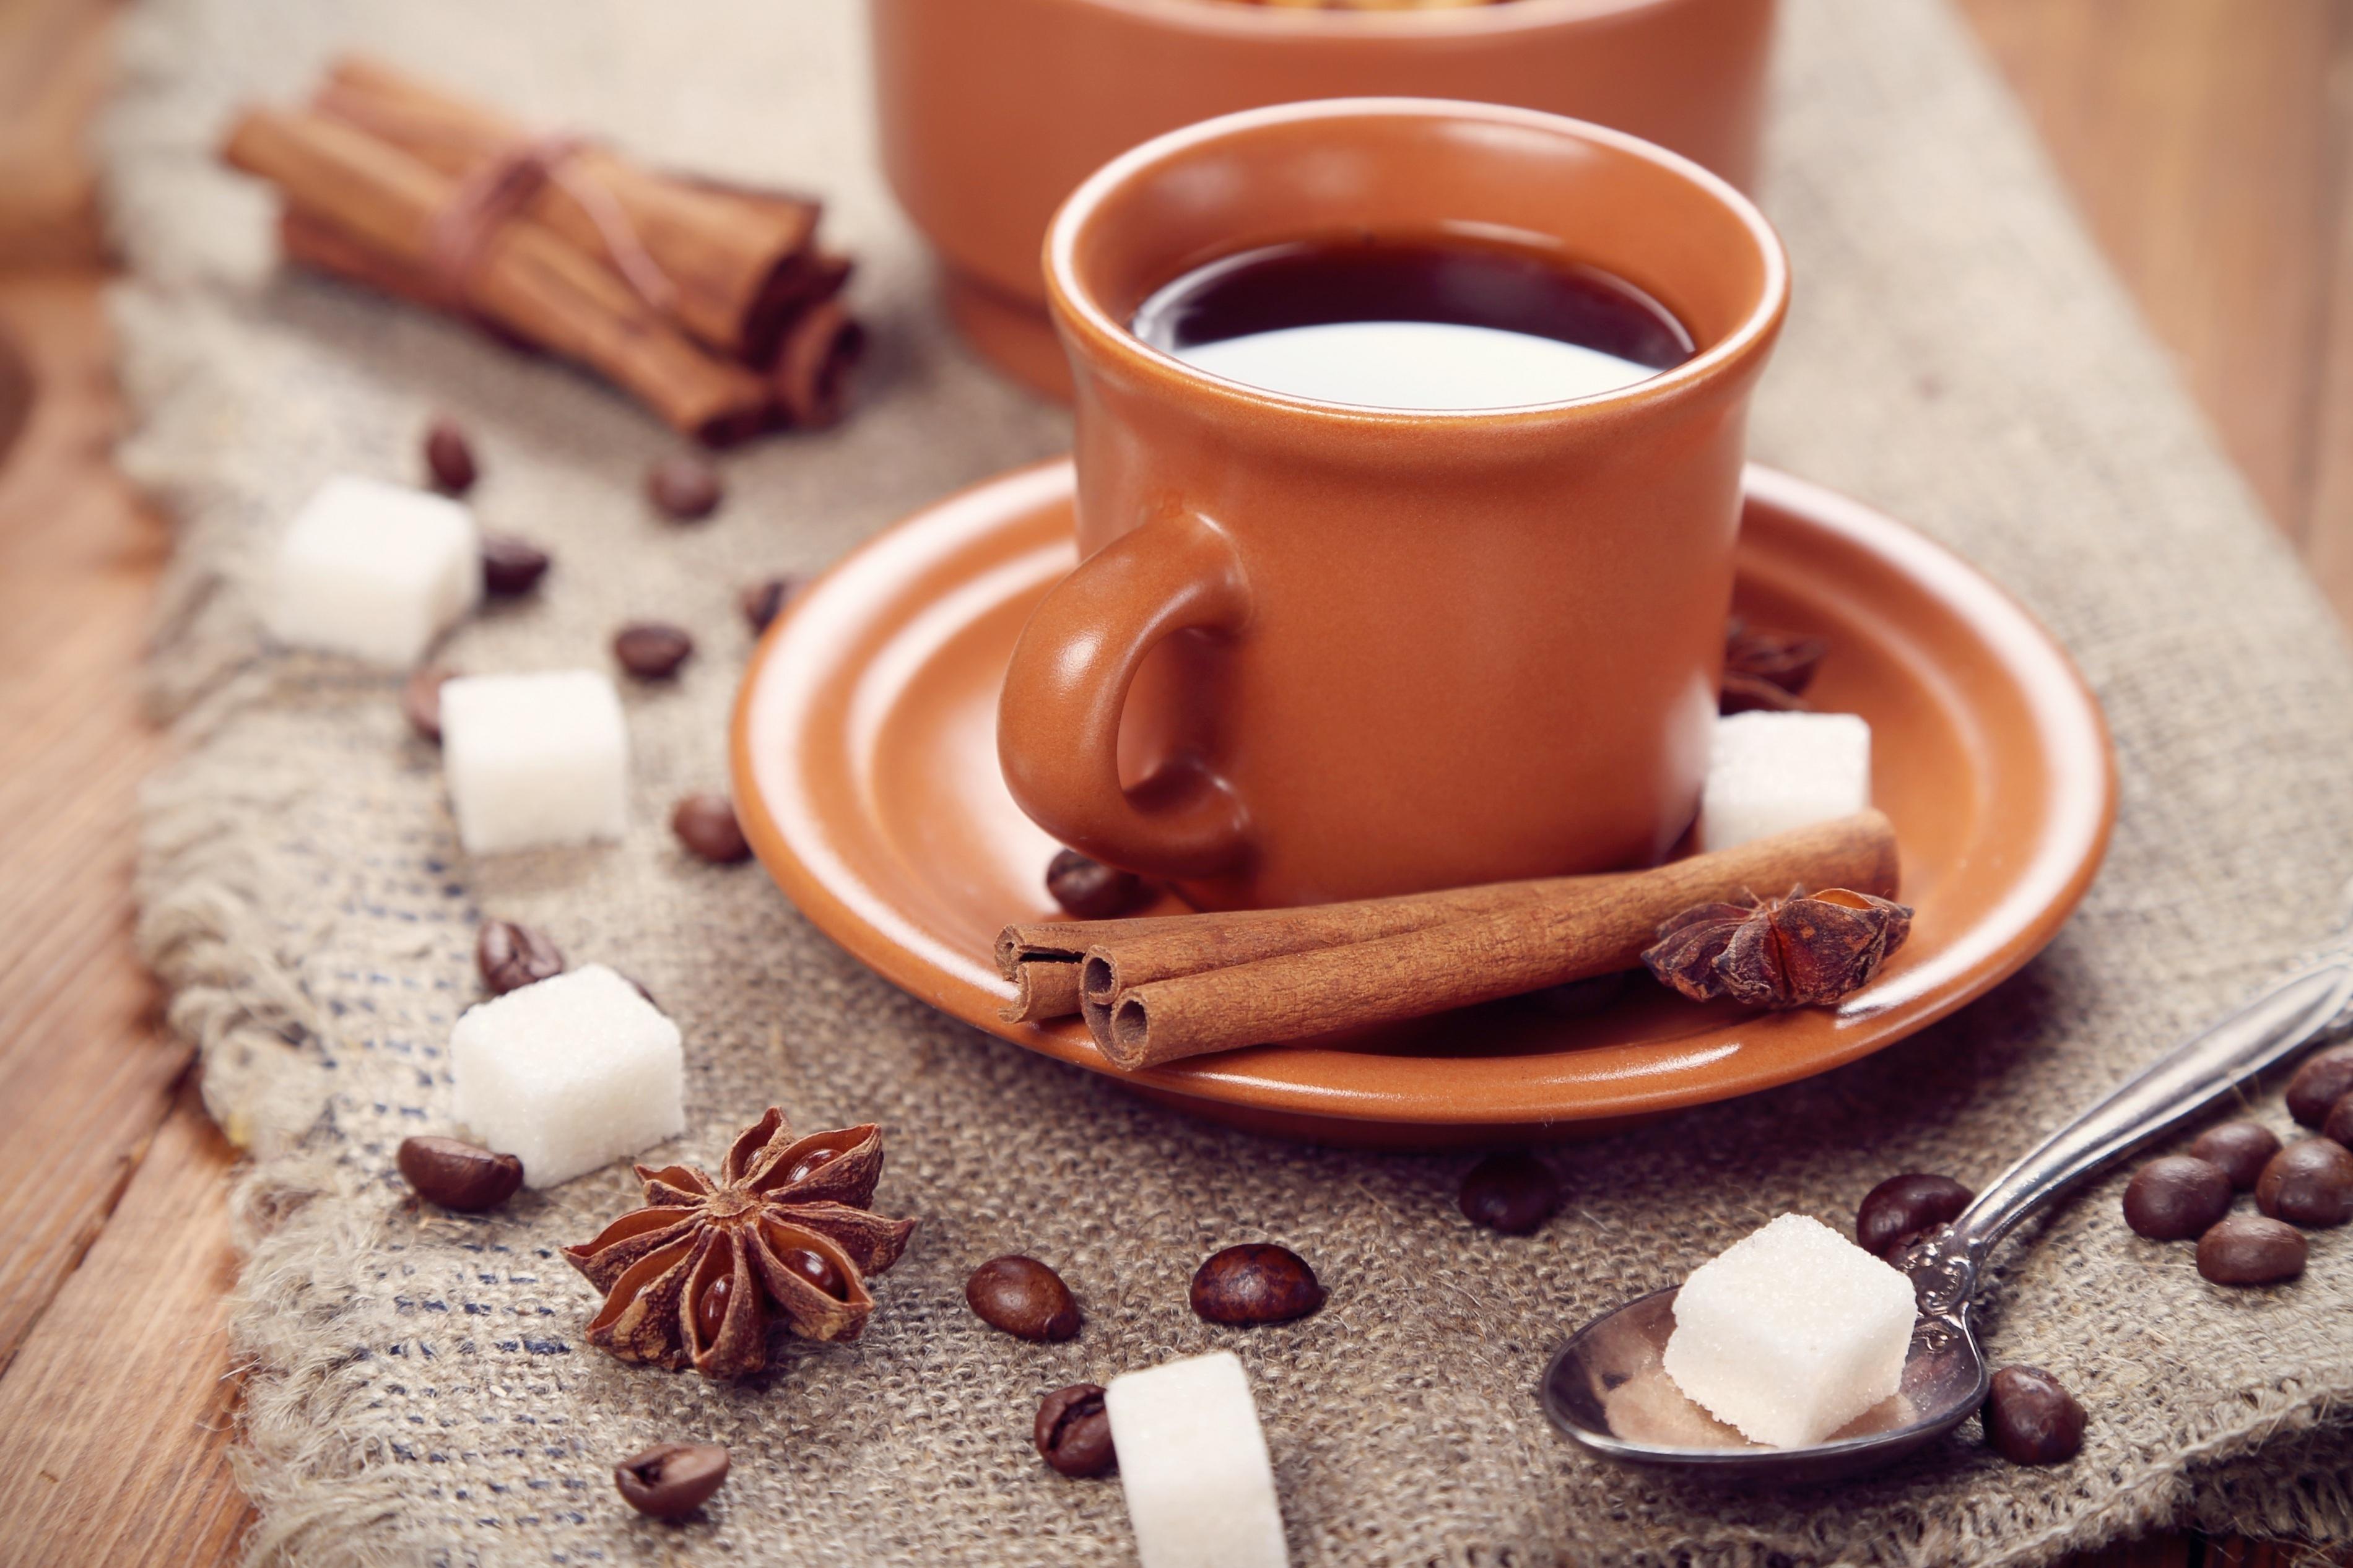 кофе чашка блюдце  № 2172628 загрузить